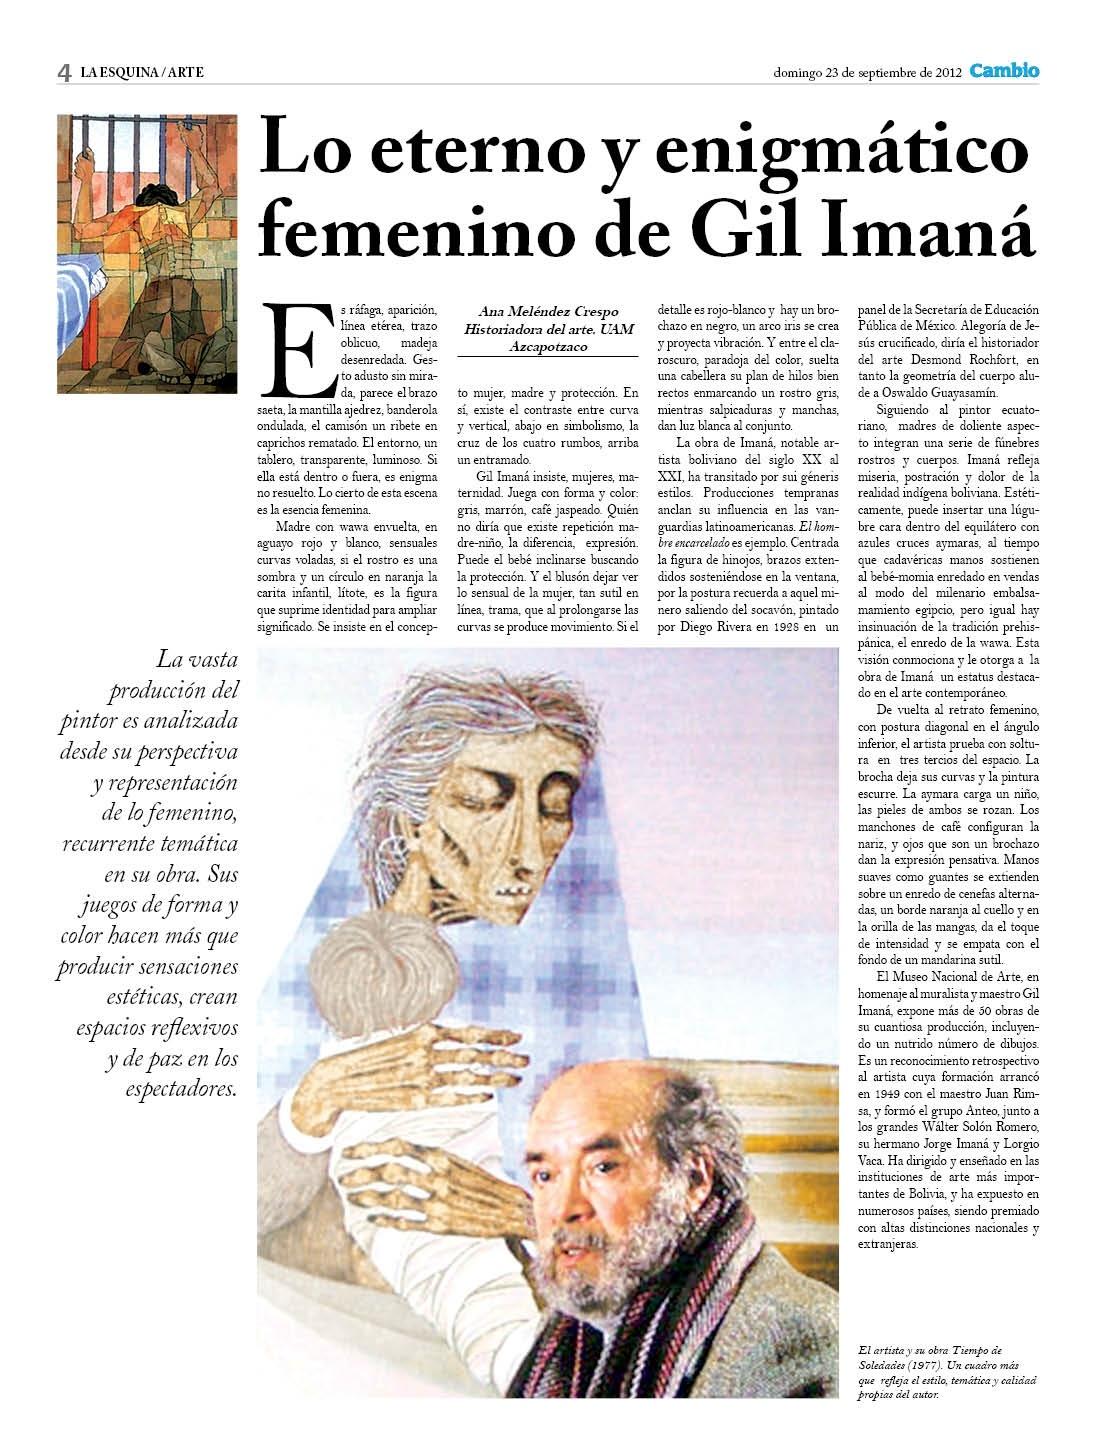 Lo eterno y enigmatico de Gil Imaná